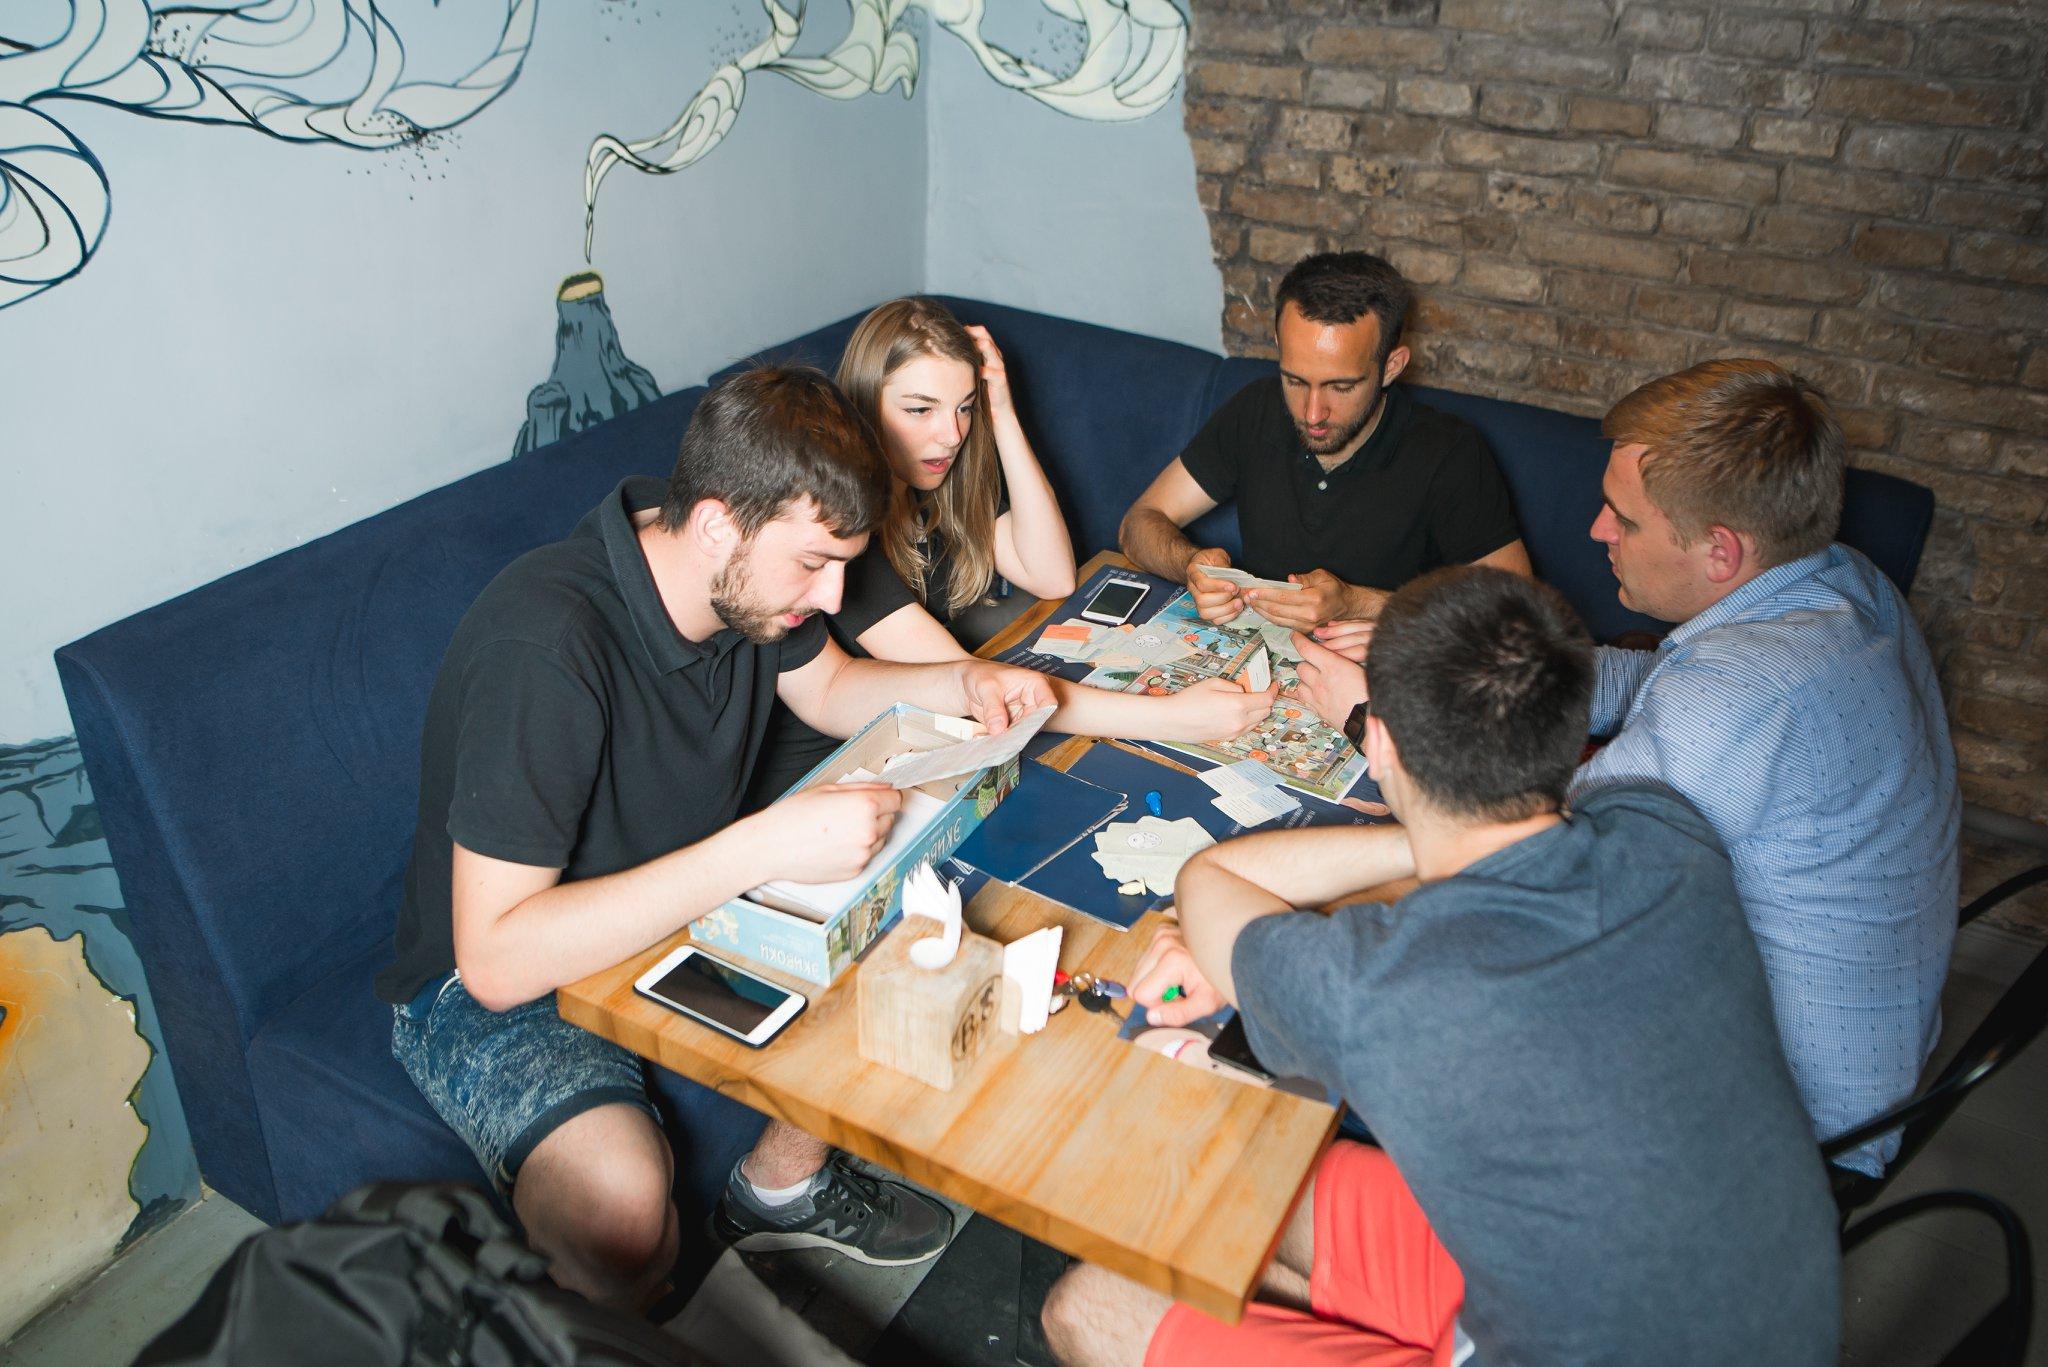 играть в в карты ли баре можно